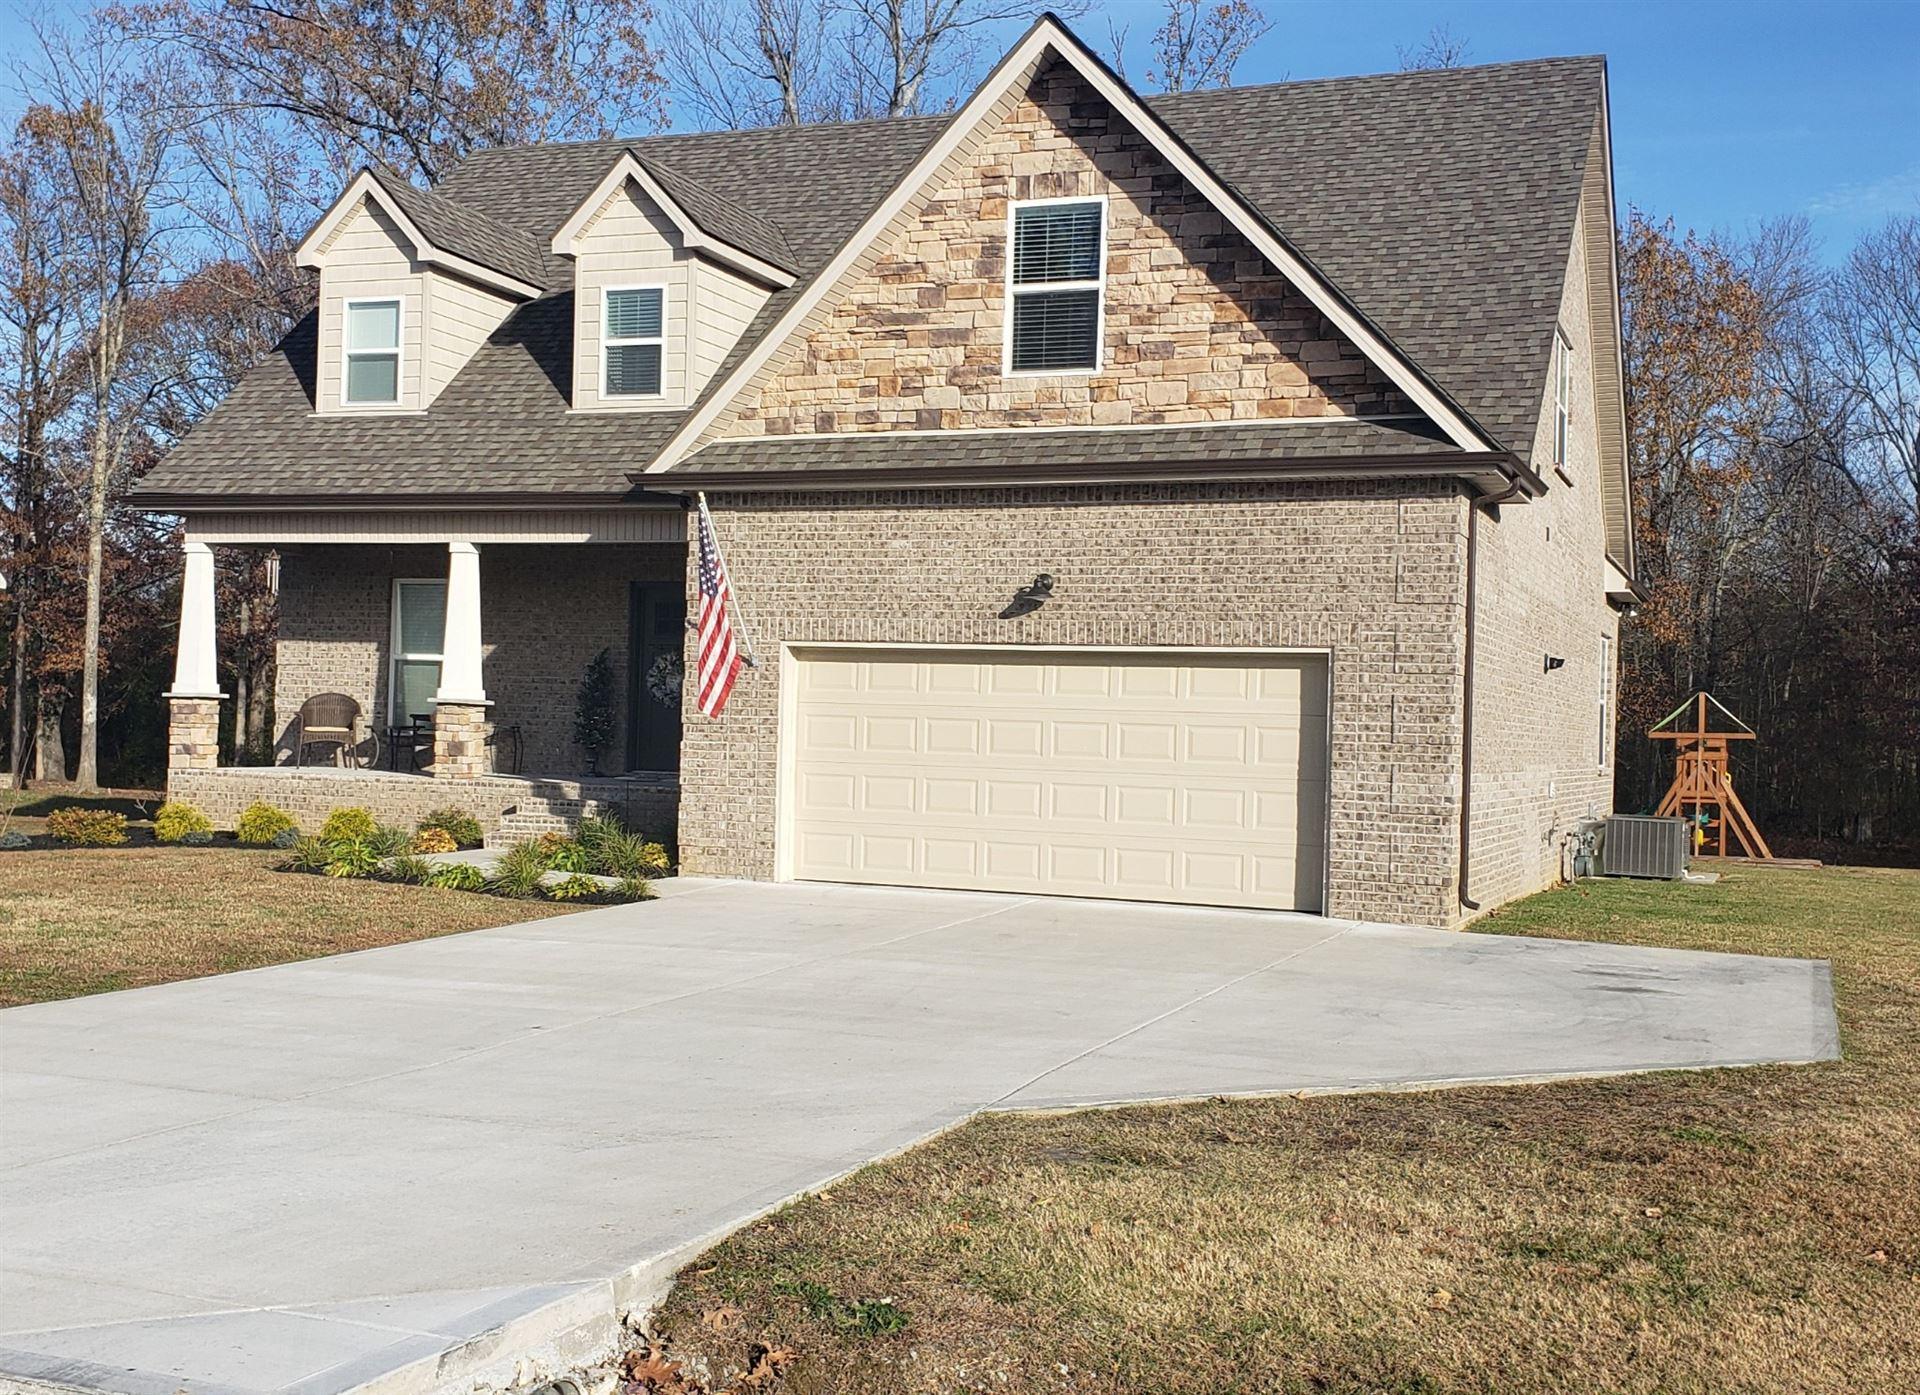 319 Oak Glen Dr, Smithville, TN 37166 - MLS#: 2208719